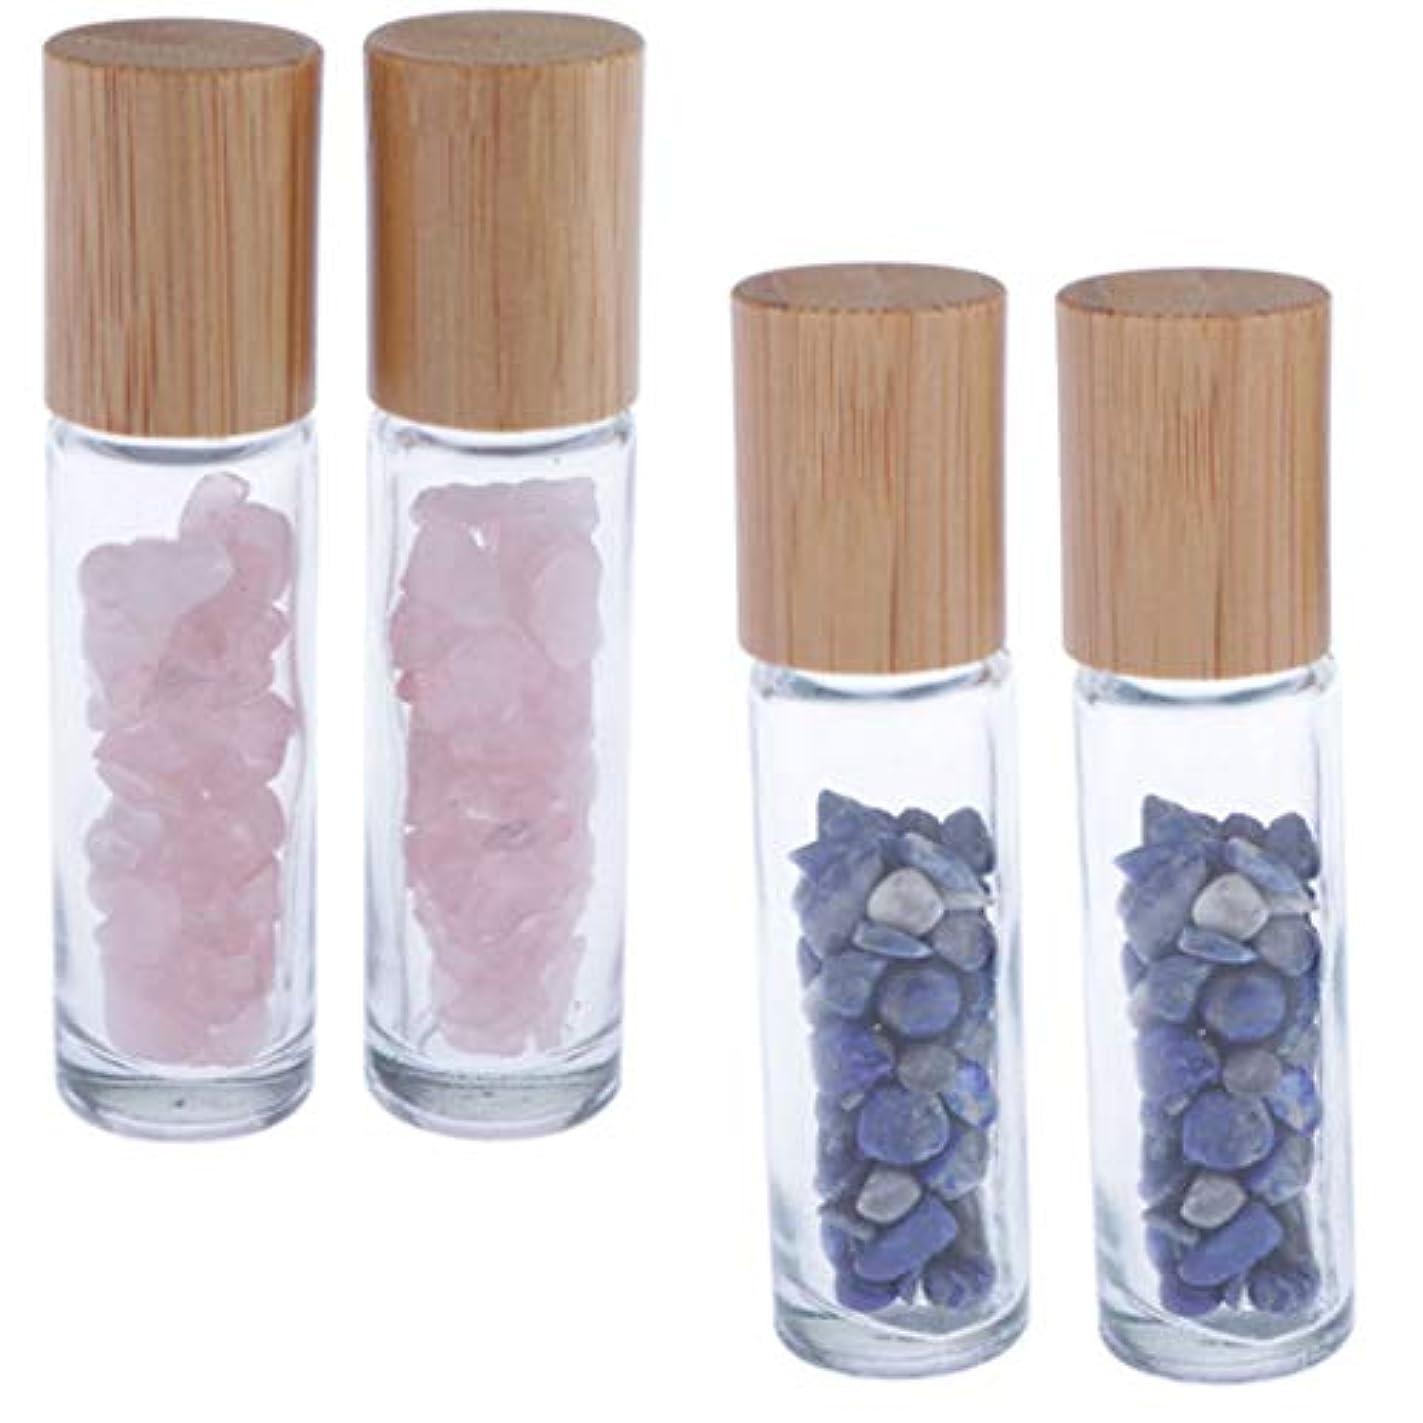 間違っているロンドンアクセサリーHellery 香水 ロールオン アトマイザー 小分け ガラスボトル 詰め替え エッセンシャルオイルボトル